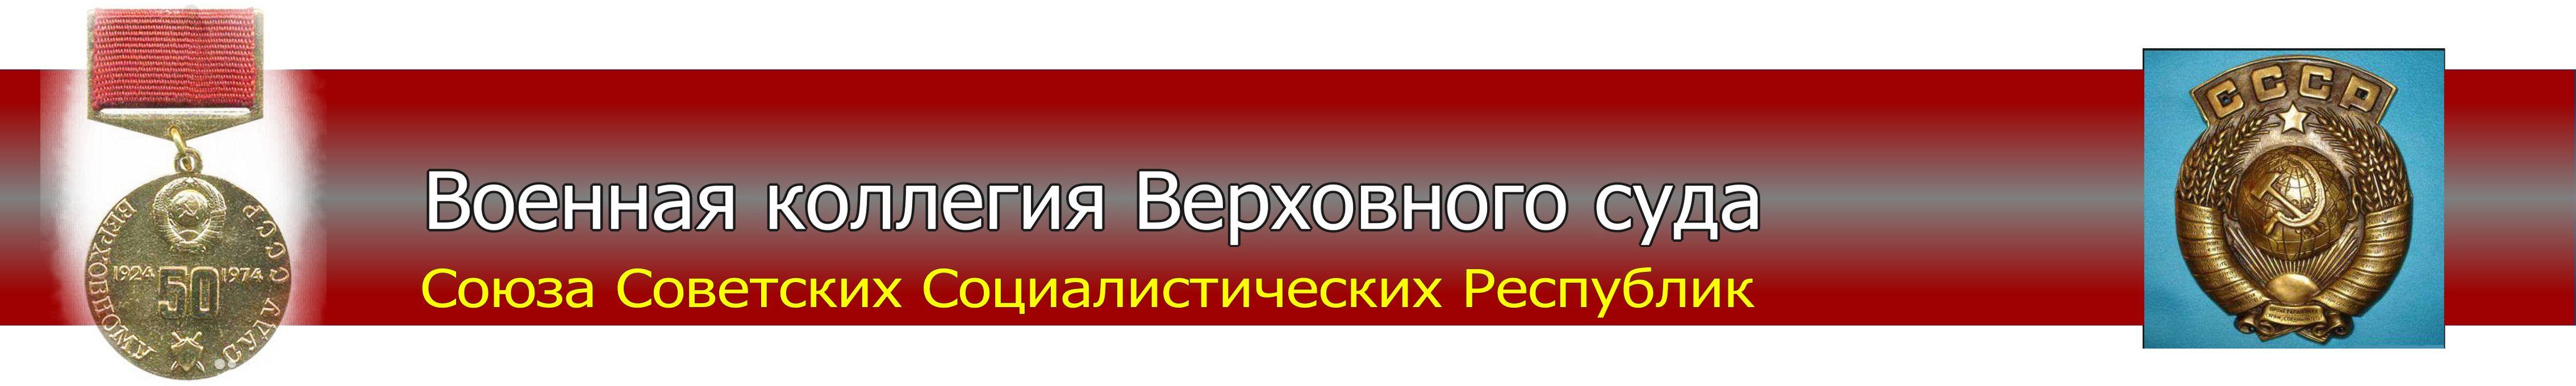 Военная коллегия Верховного суда СССР